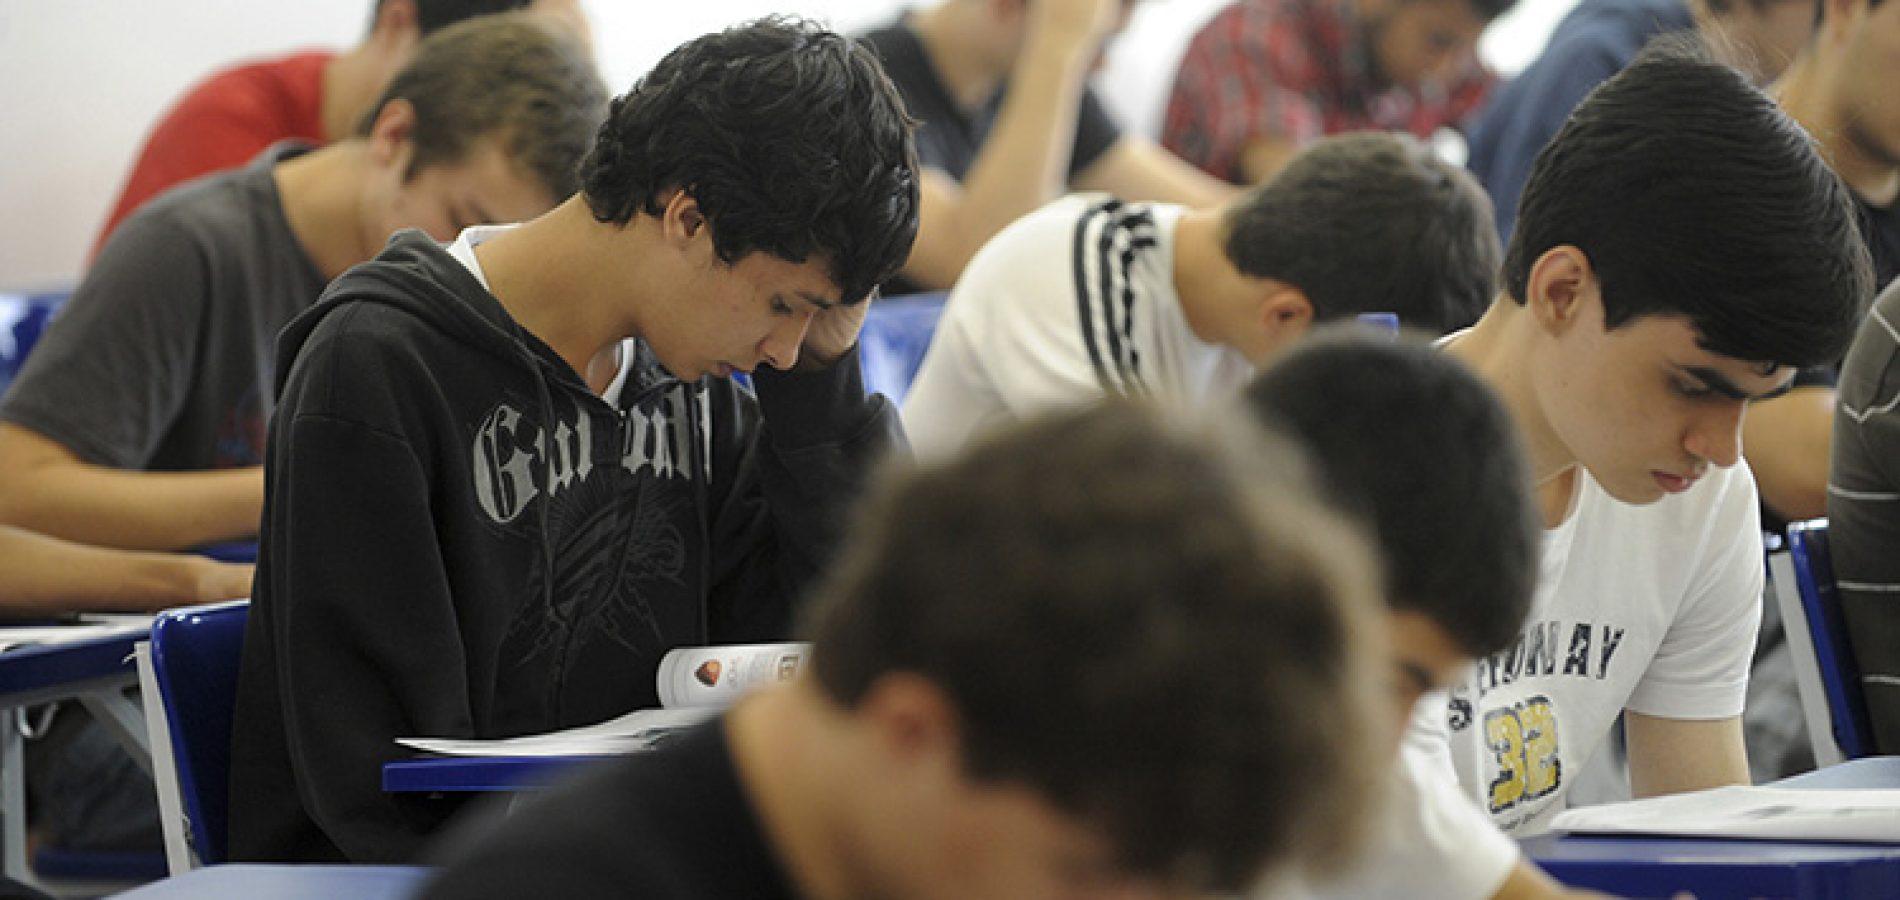 Governo do Piauí autoriza retorno de aulas presenciais do 3° ano do ensino médio, pré-Enem e de estágios para universitários